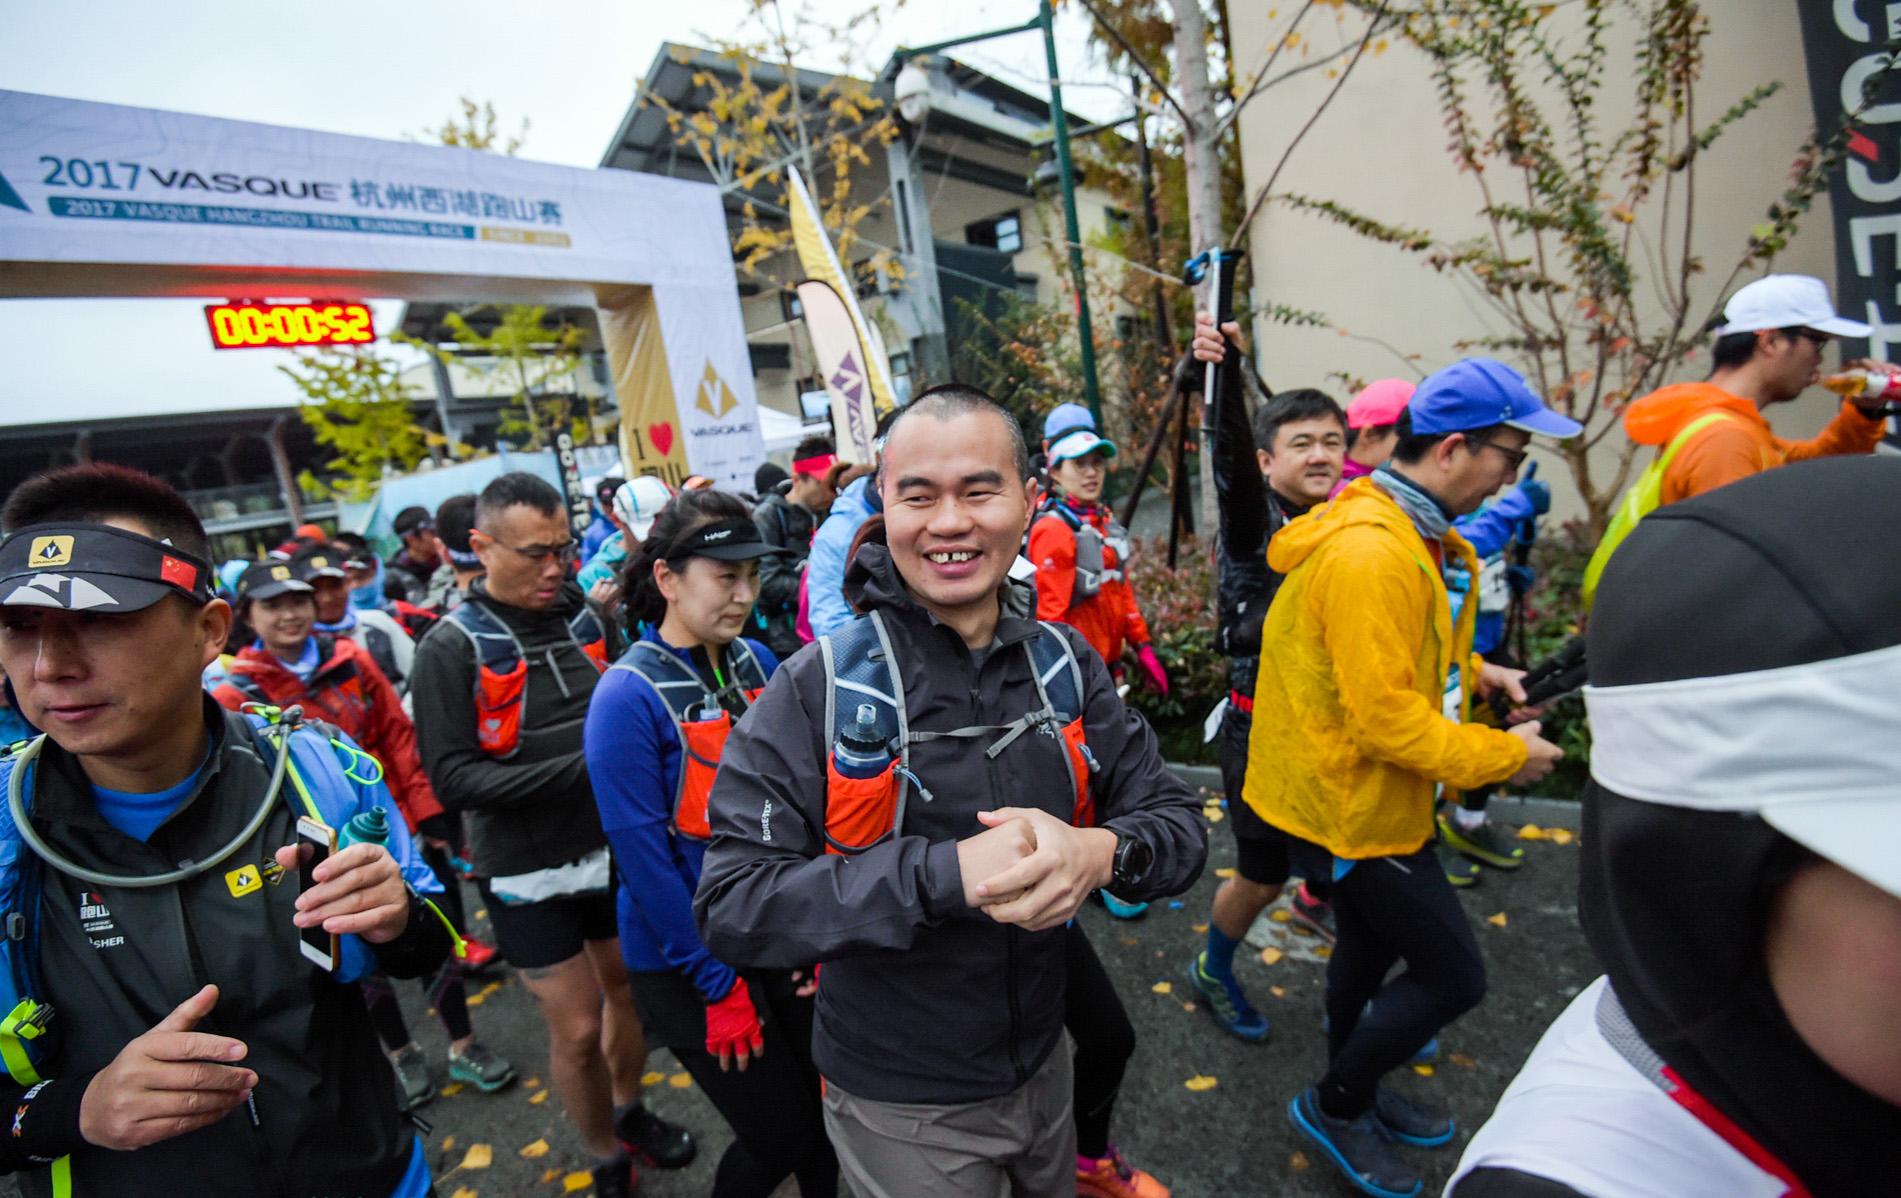 翻山越岭不停止2017 VASQUE杭州西湖跑山赛成功举办